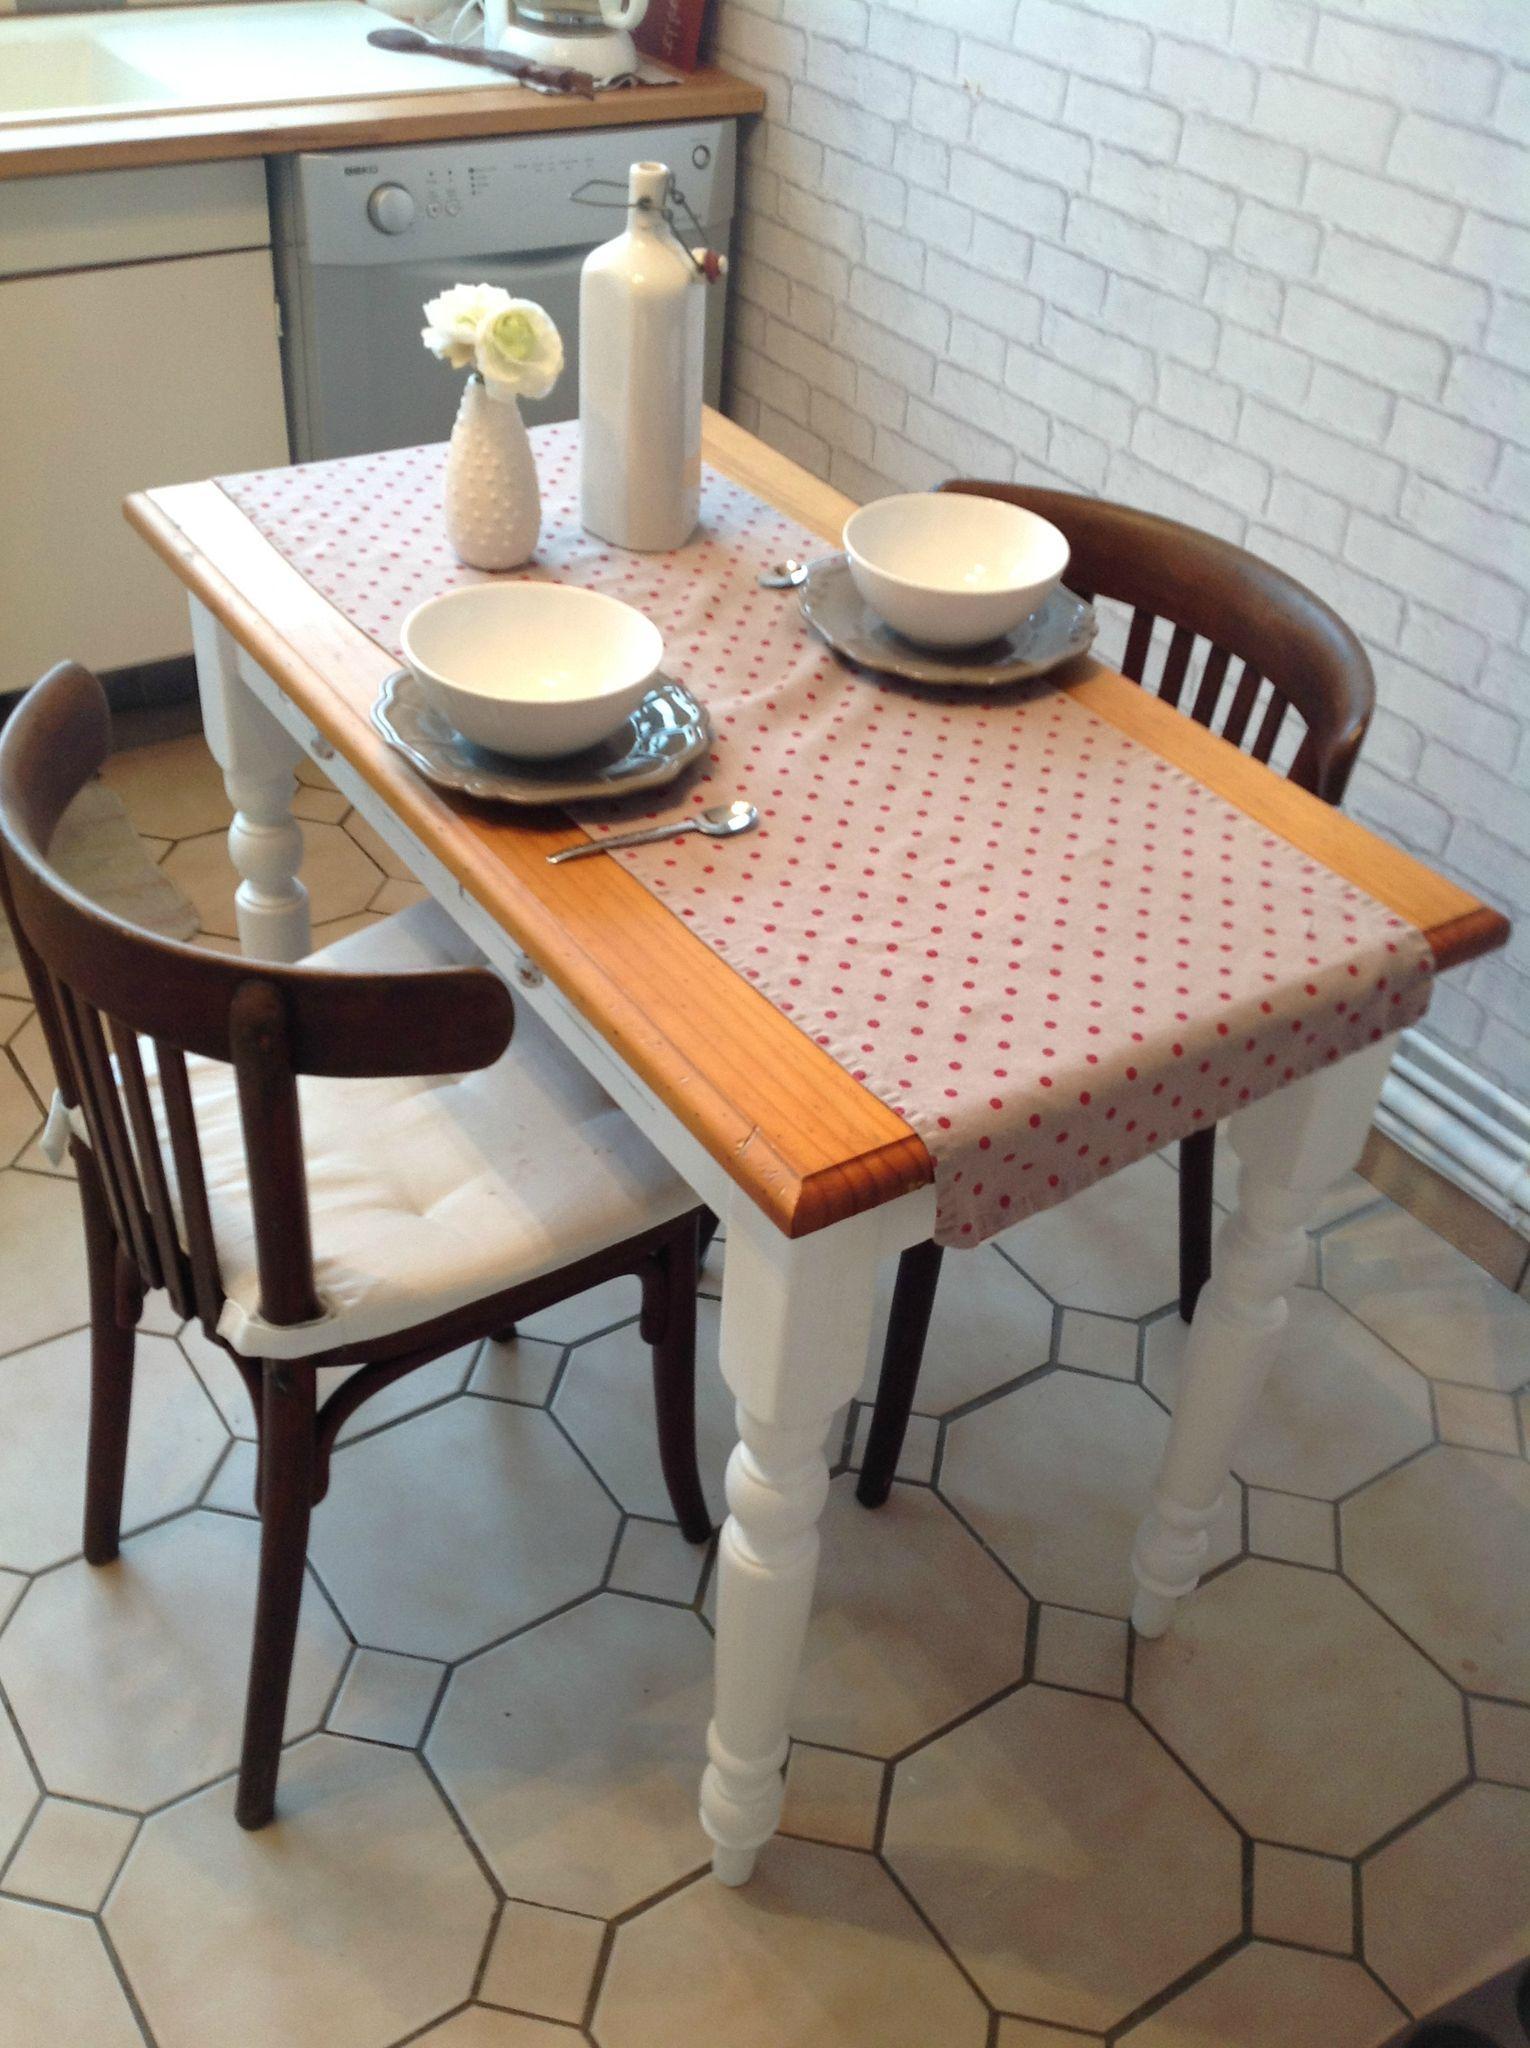 repeindre les pieds dune table en bois  Deco  Pinterest  Deco Repeindre table bois et Table